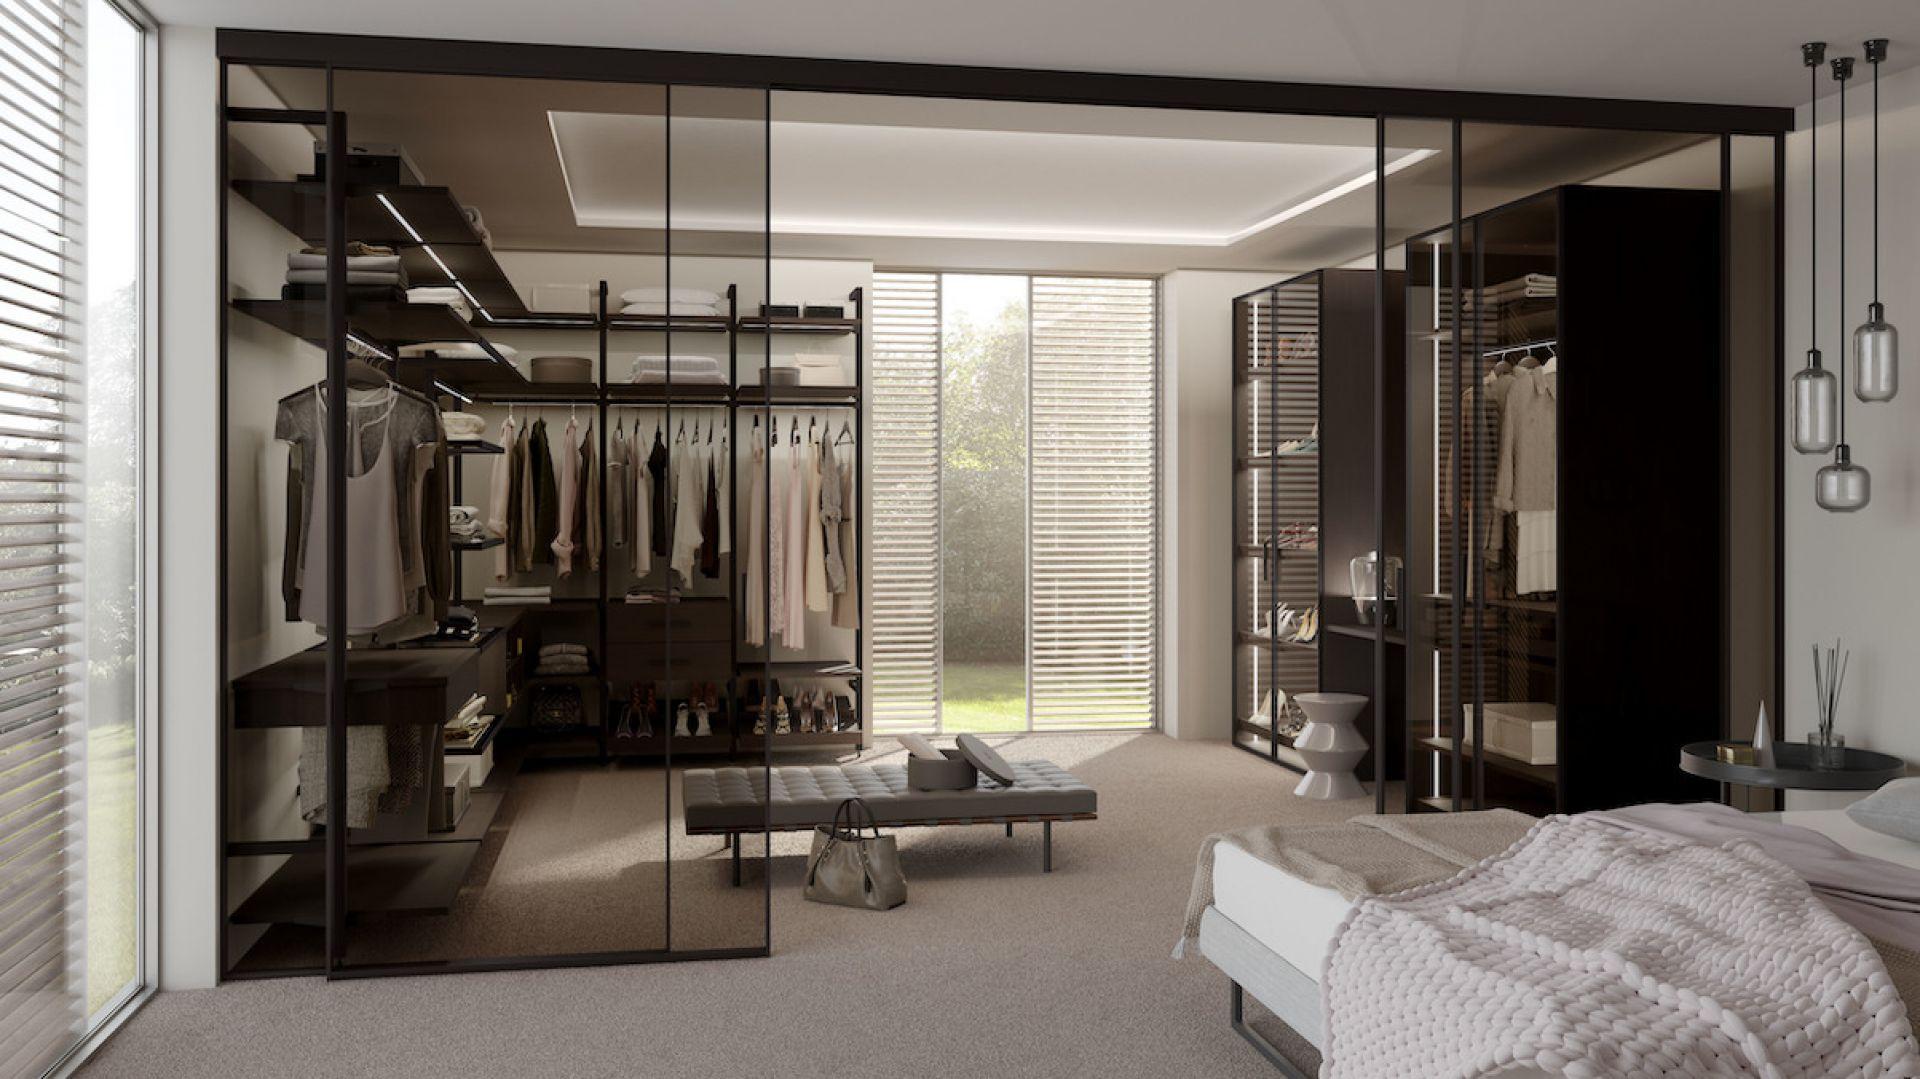 Przemyślana garderoba oszczędza czas, nerwy i pomaga na dłużej zachować dobry stan ubrań, dodatków i akcesoriów. Fot. Raumplus